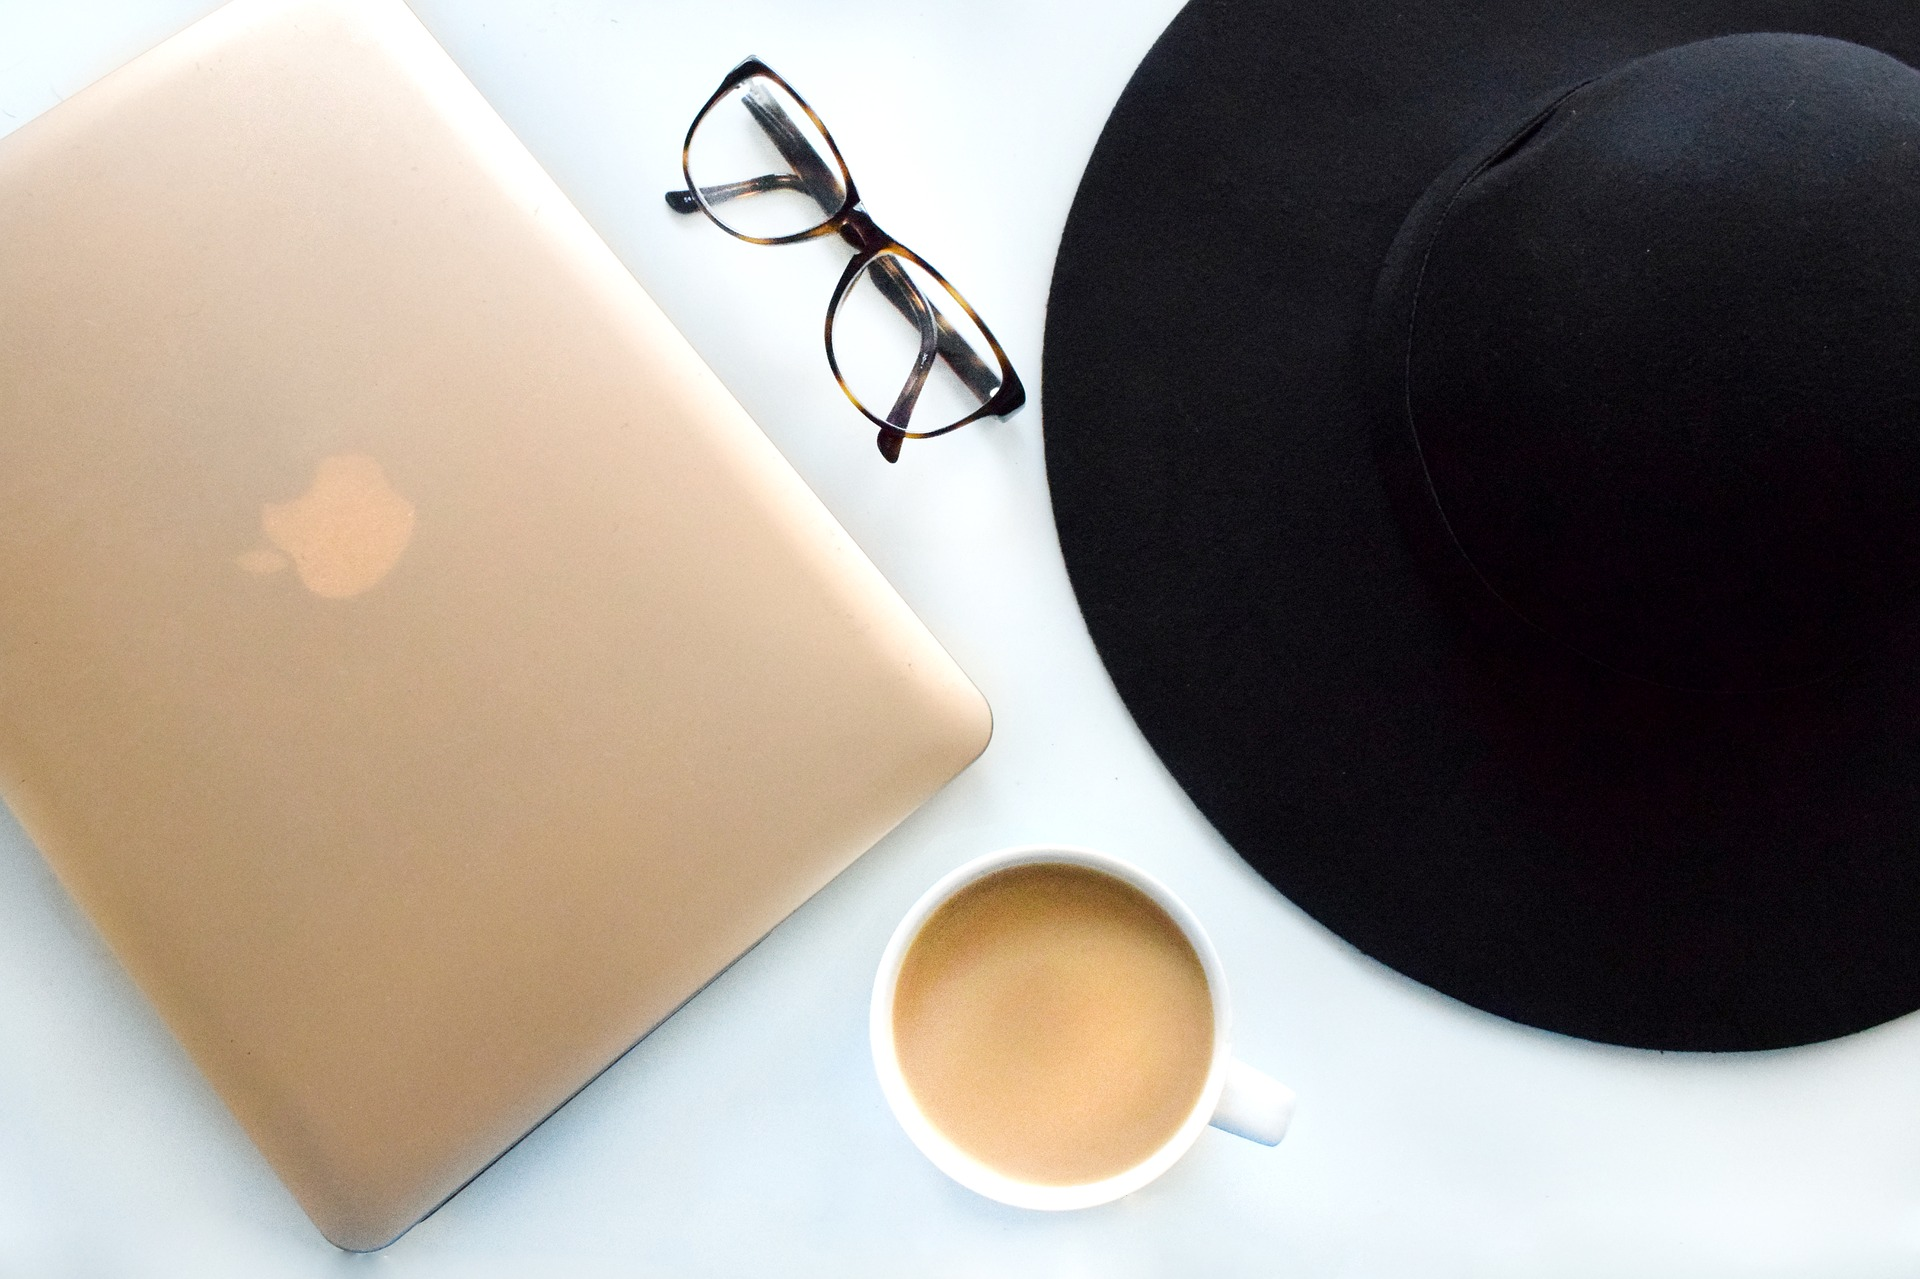 Geek Cat - Zawód bloger blogowanie